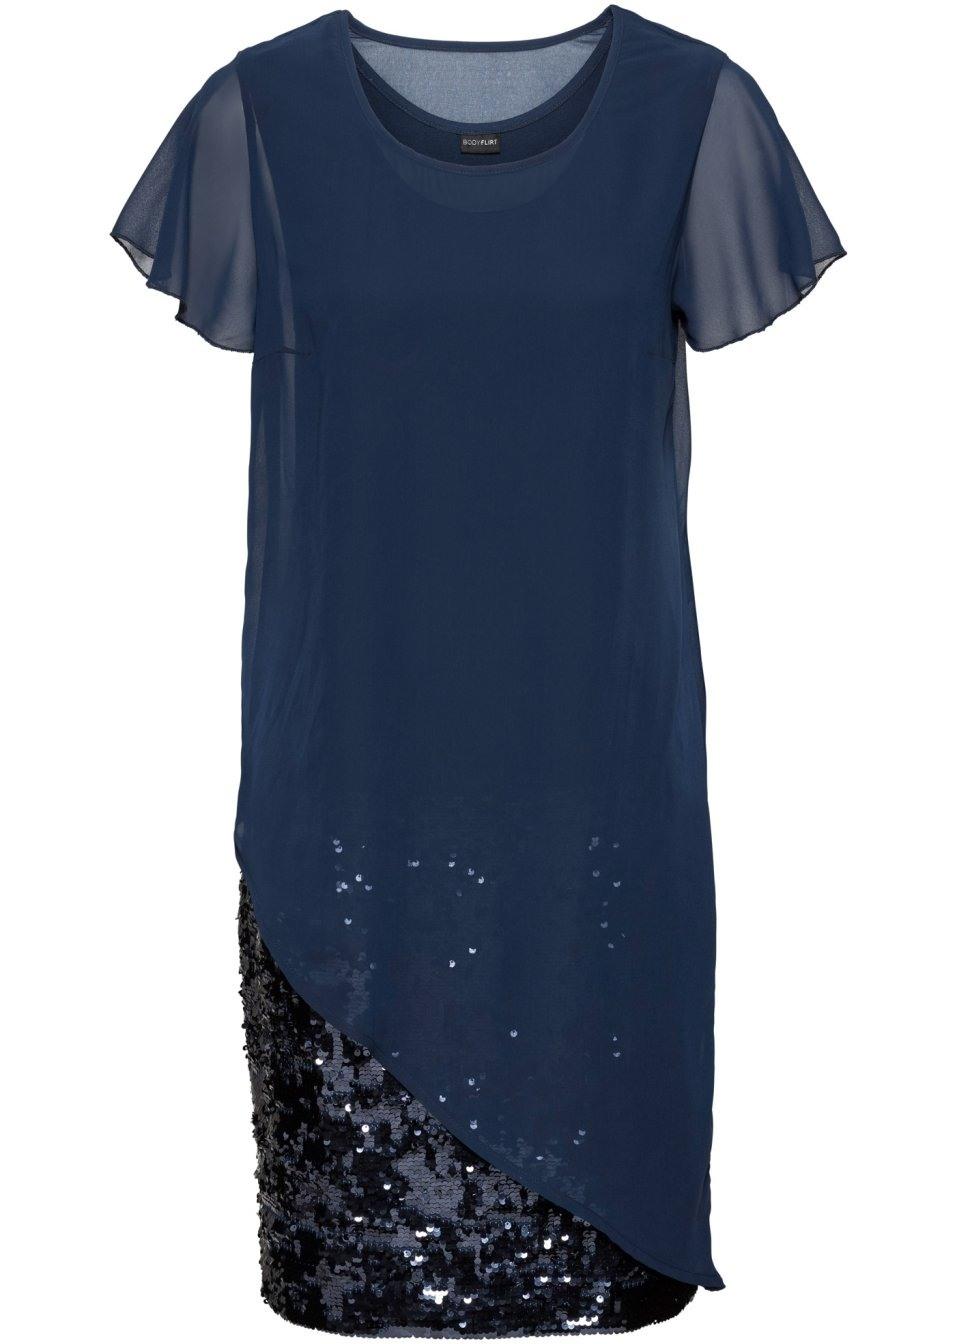 Designer Erstaunlich Schlichte Kurze Kleider DesignAbend Ausgezeichnet Schlichte Kurze Kleider Ärmel